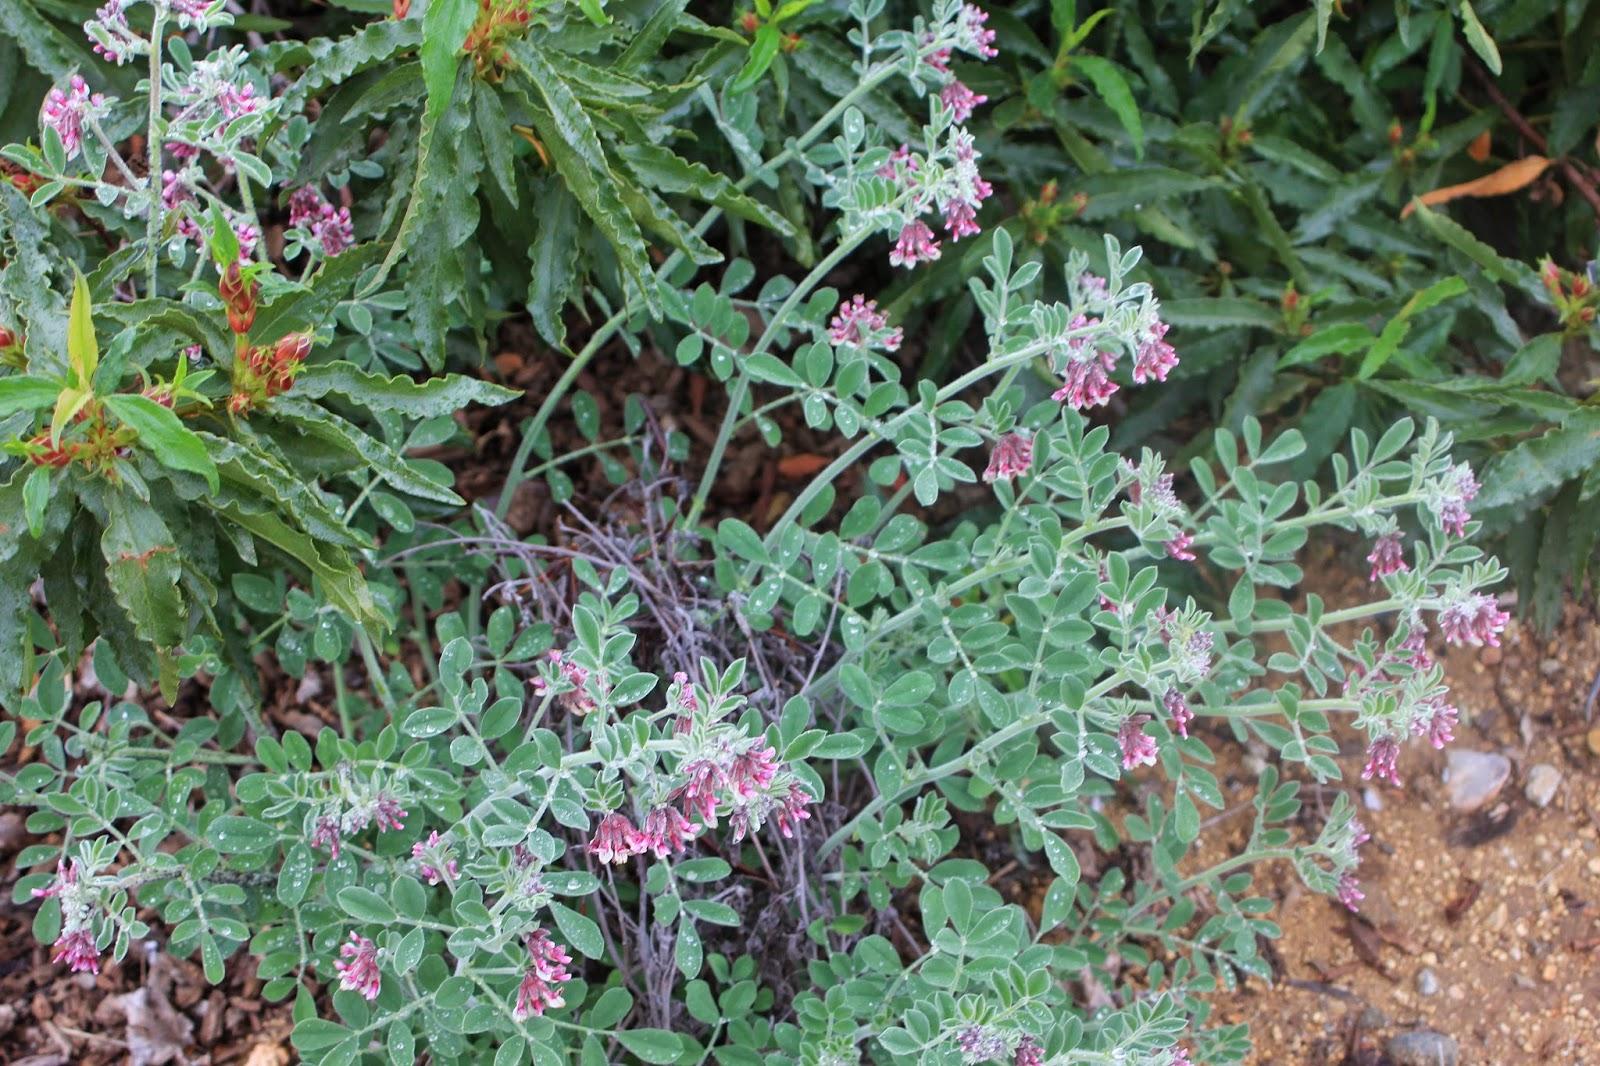 Otay Mountain Lotus 2/22/15 Otay Mountain Lotus